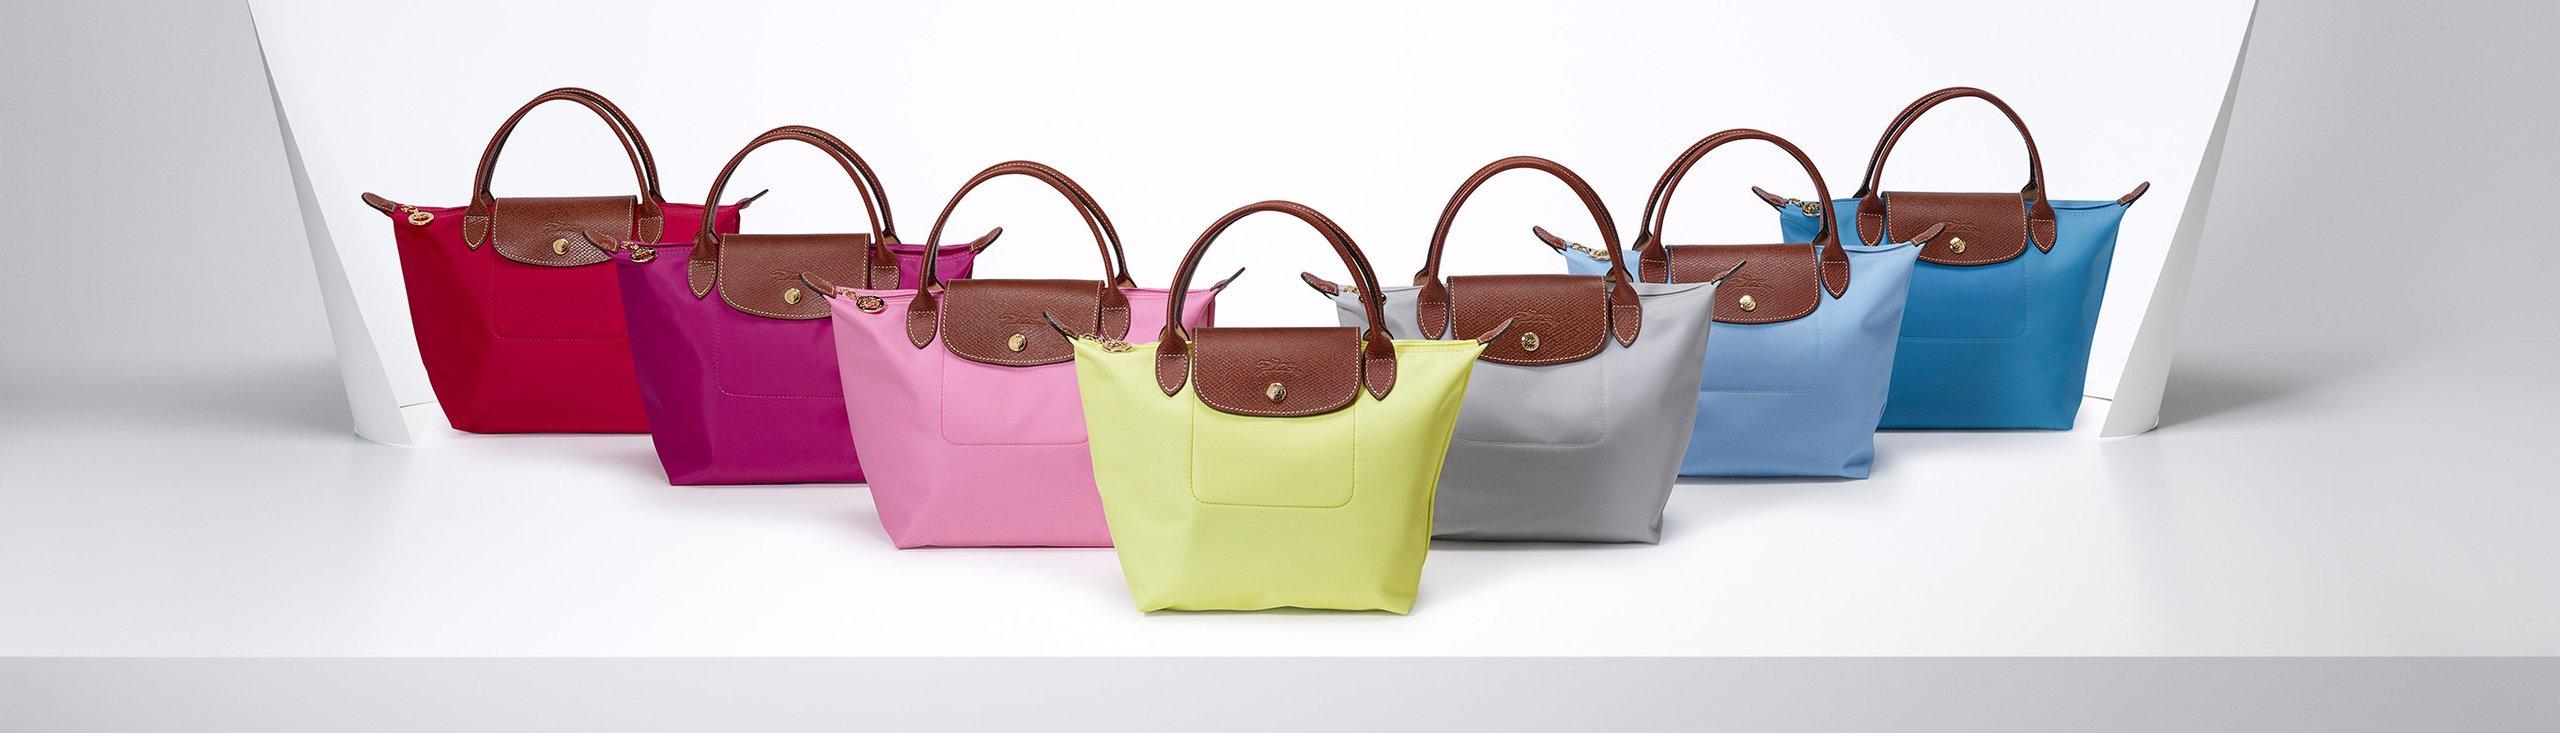 Foto della borsa di Longcham